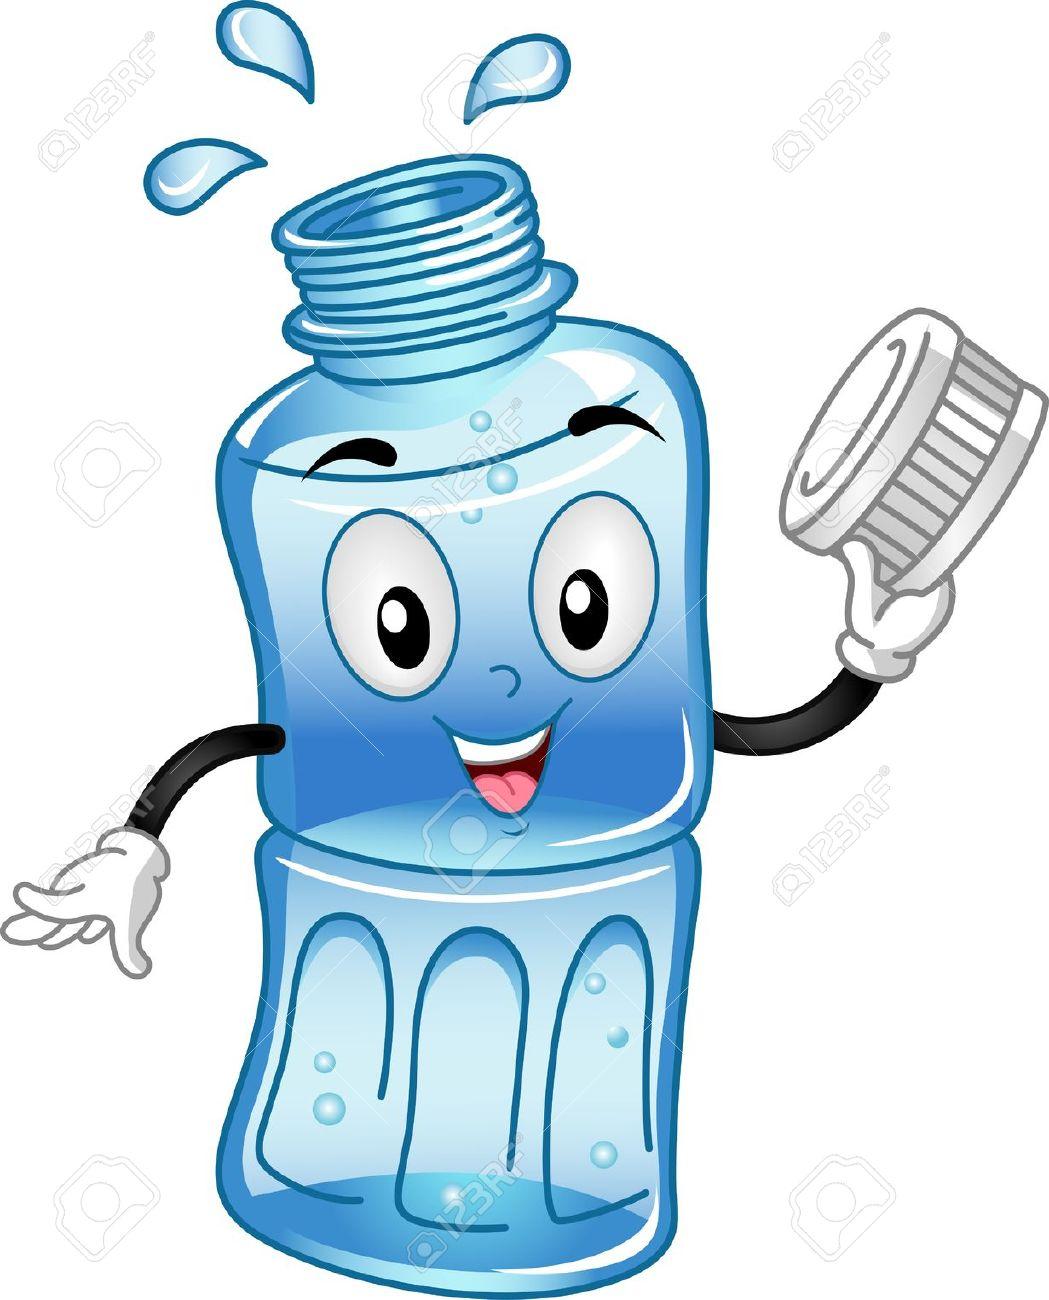 water bottle: Mascot .